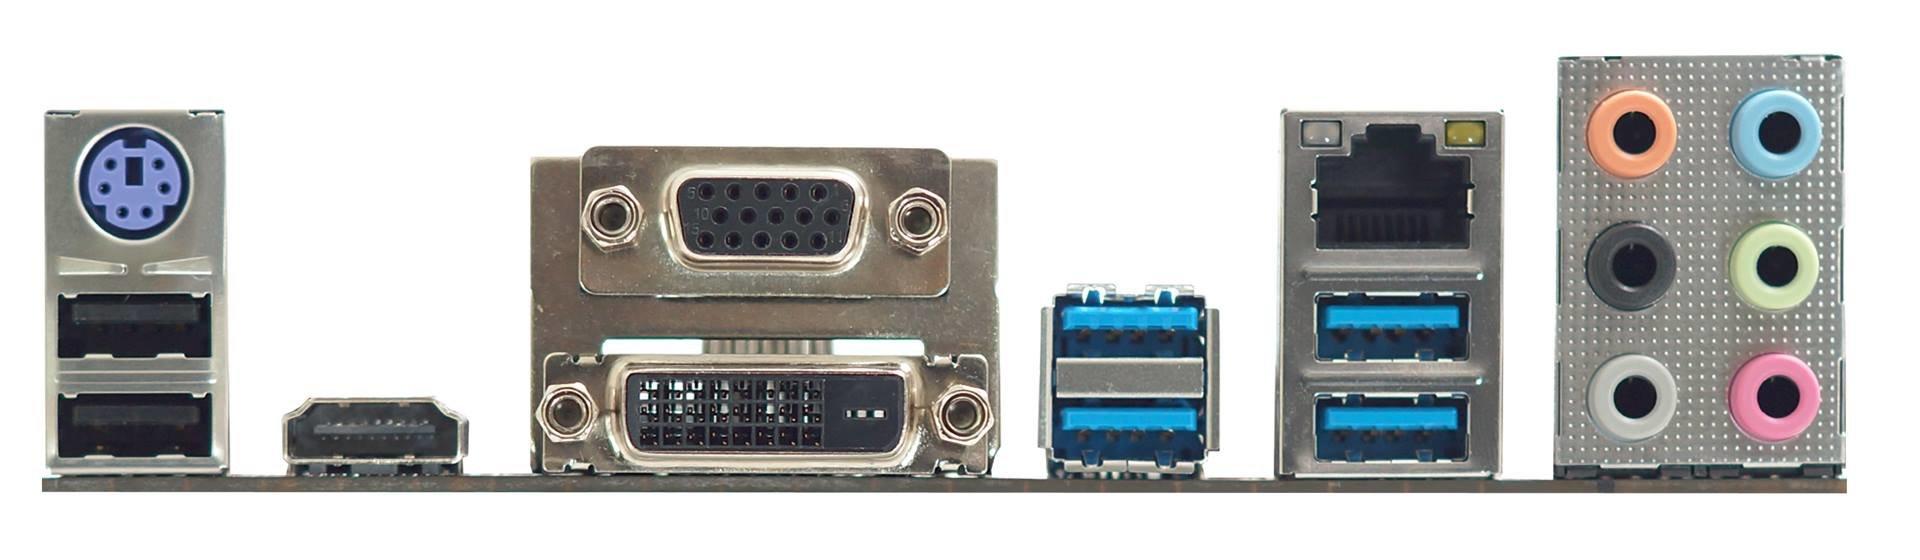 Biostar B150GT5 – das I/O-Panel